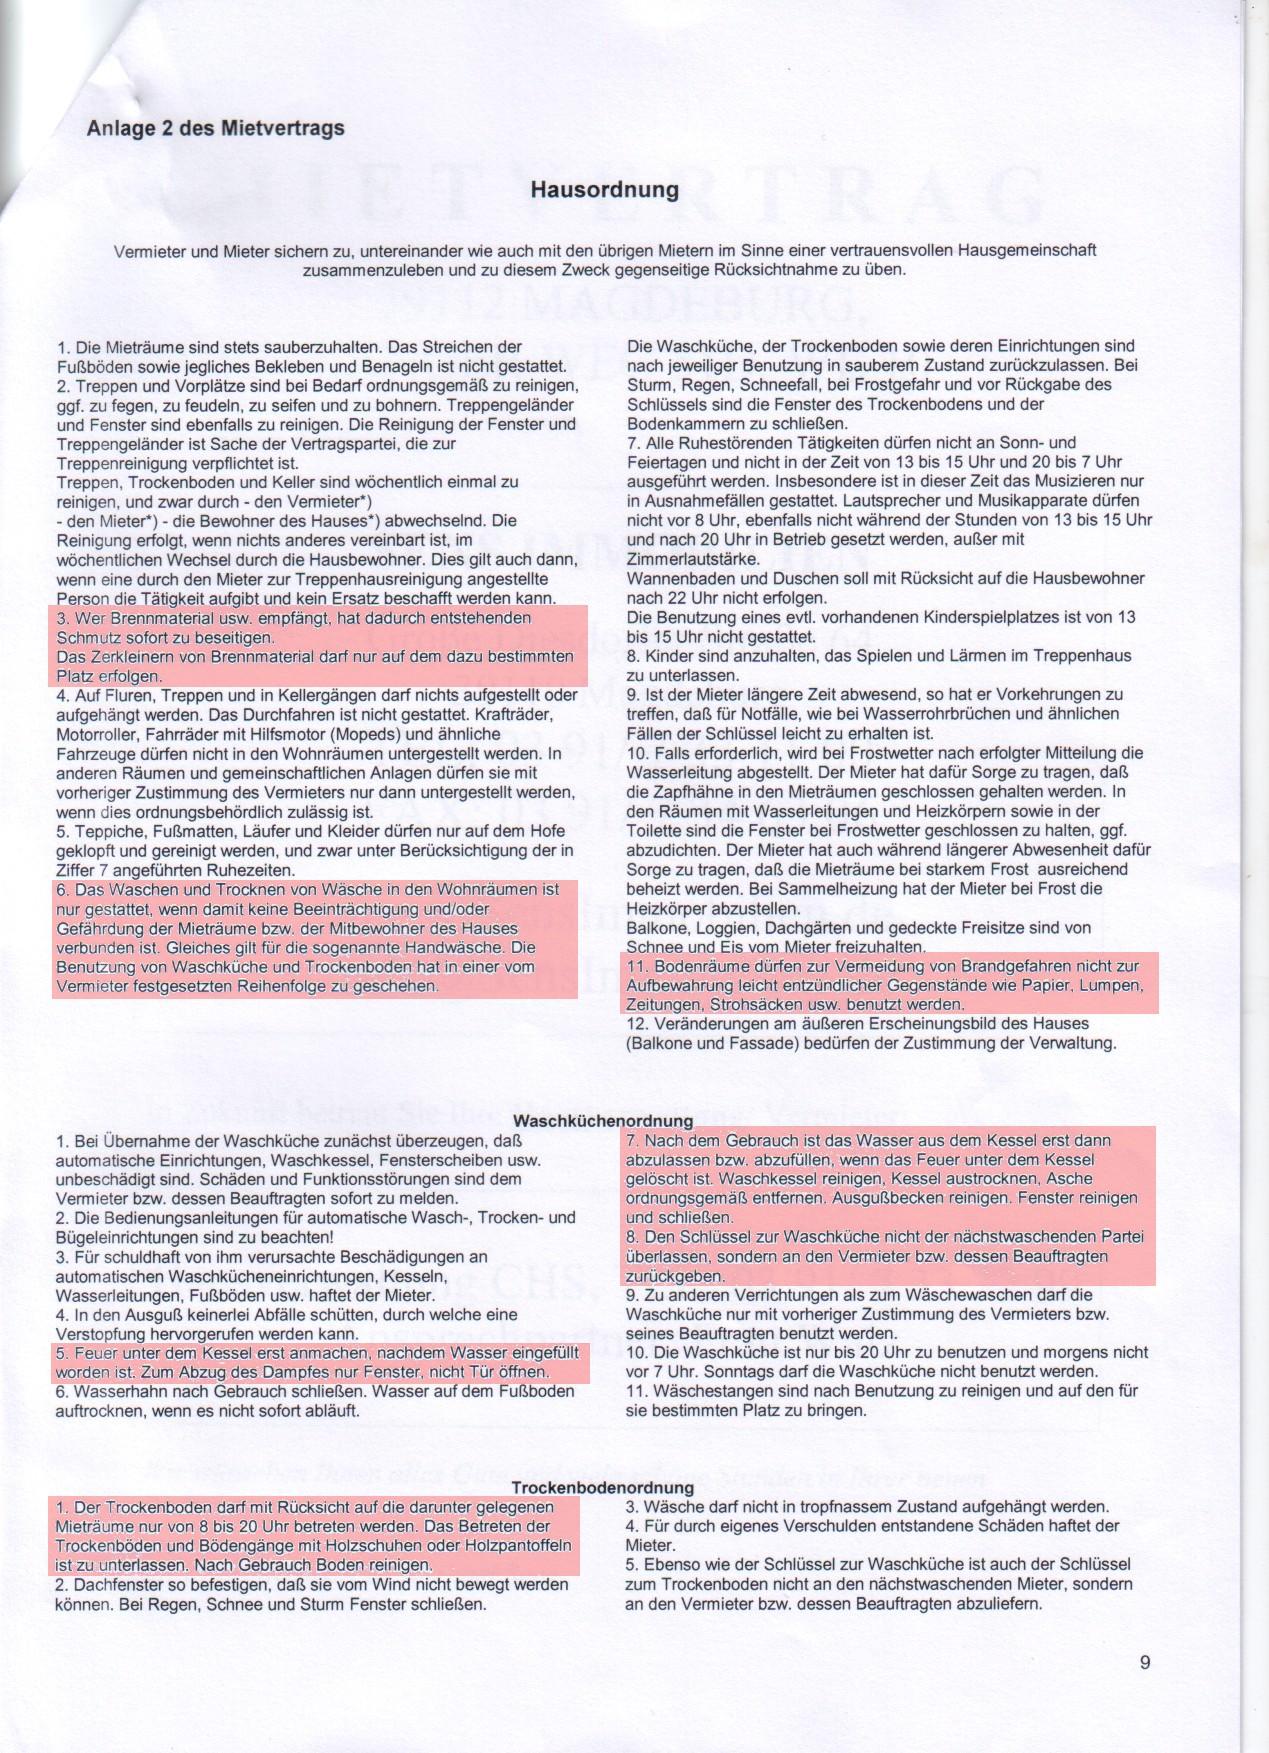 Hausordnung 2012 markiert